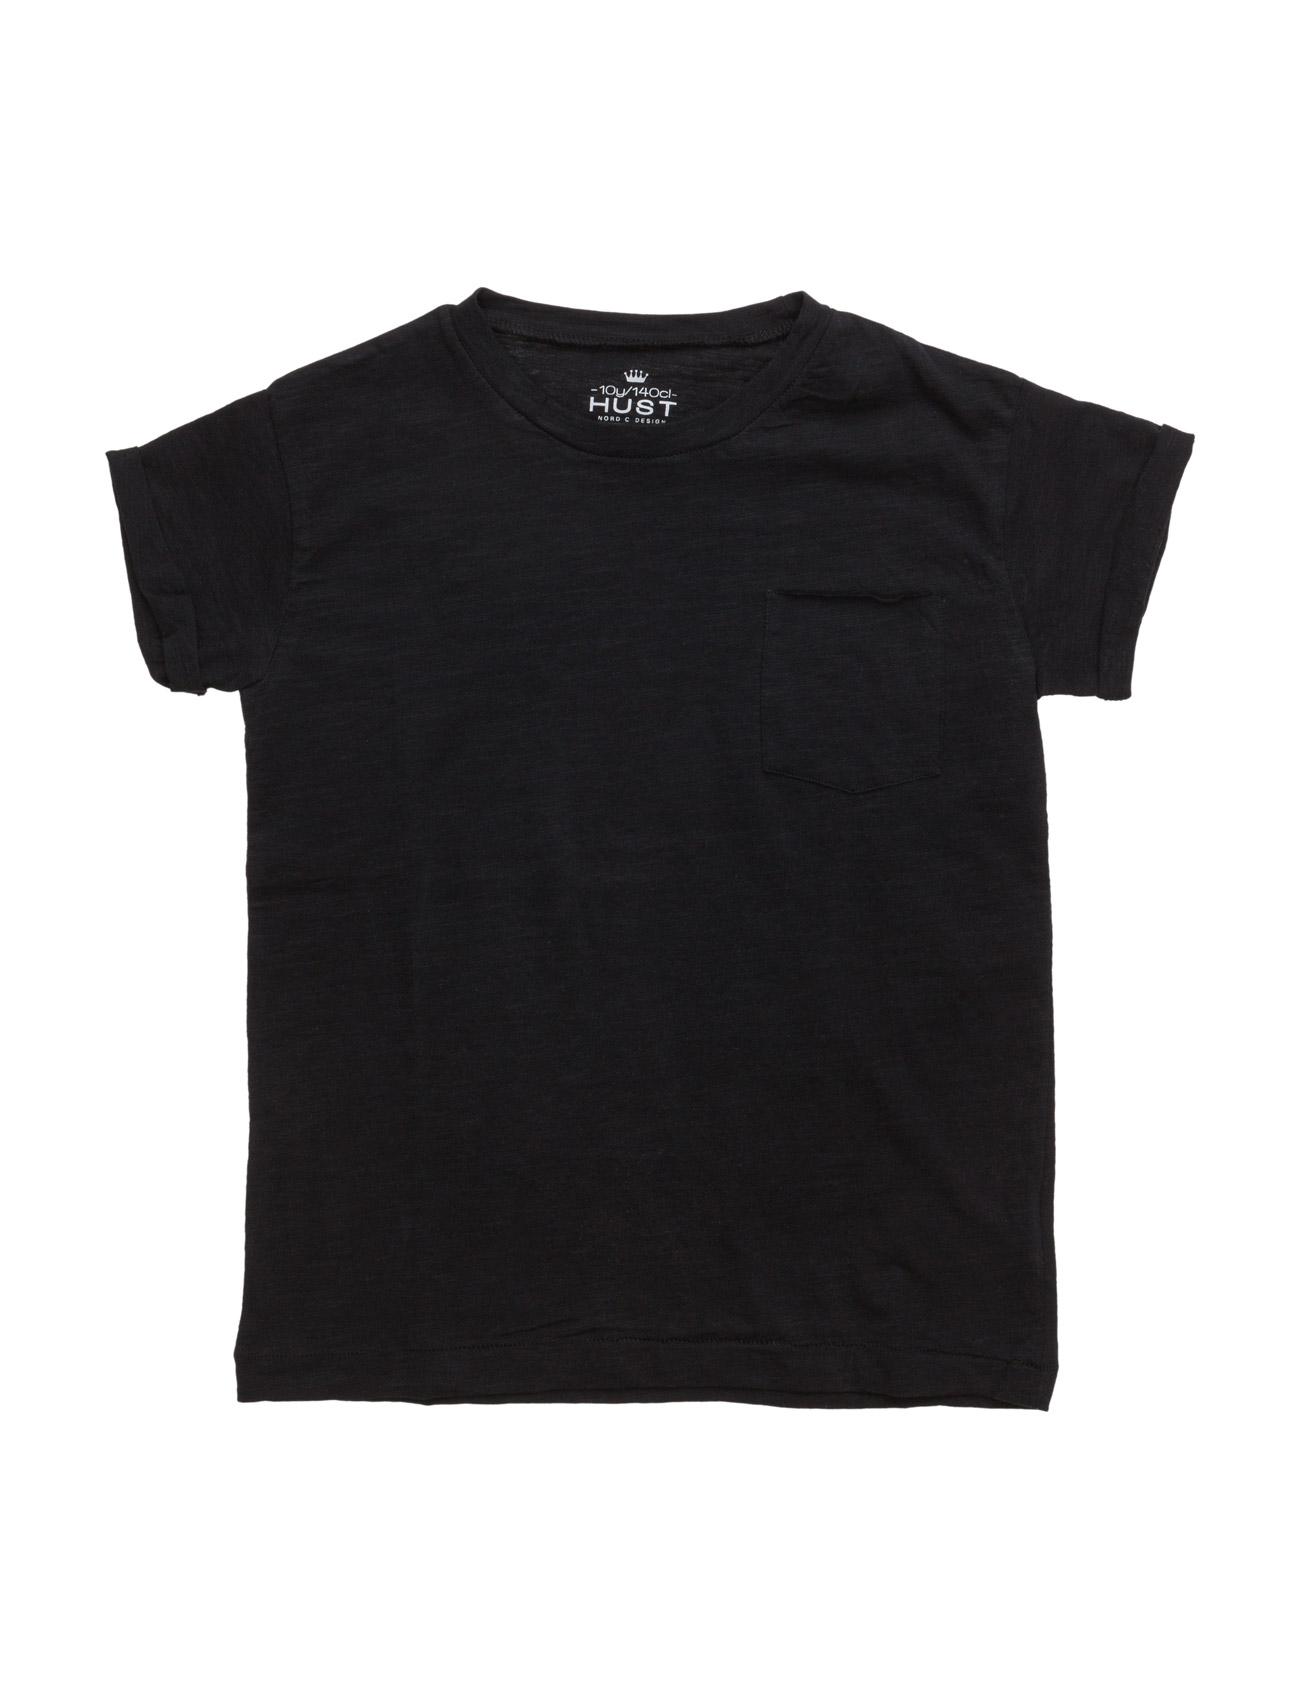 T-Shirt Hust & Claire Kortærmede t-shirts til Børn i Sort